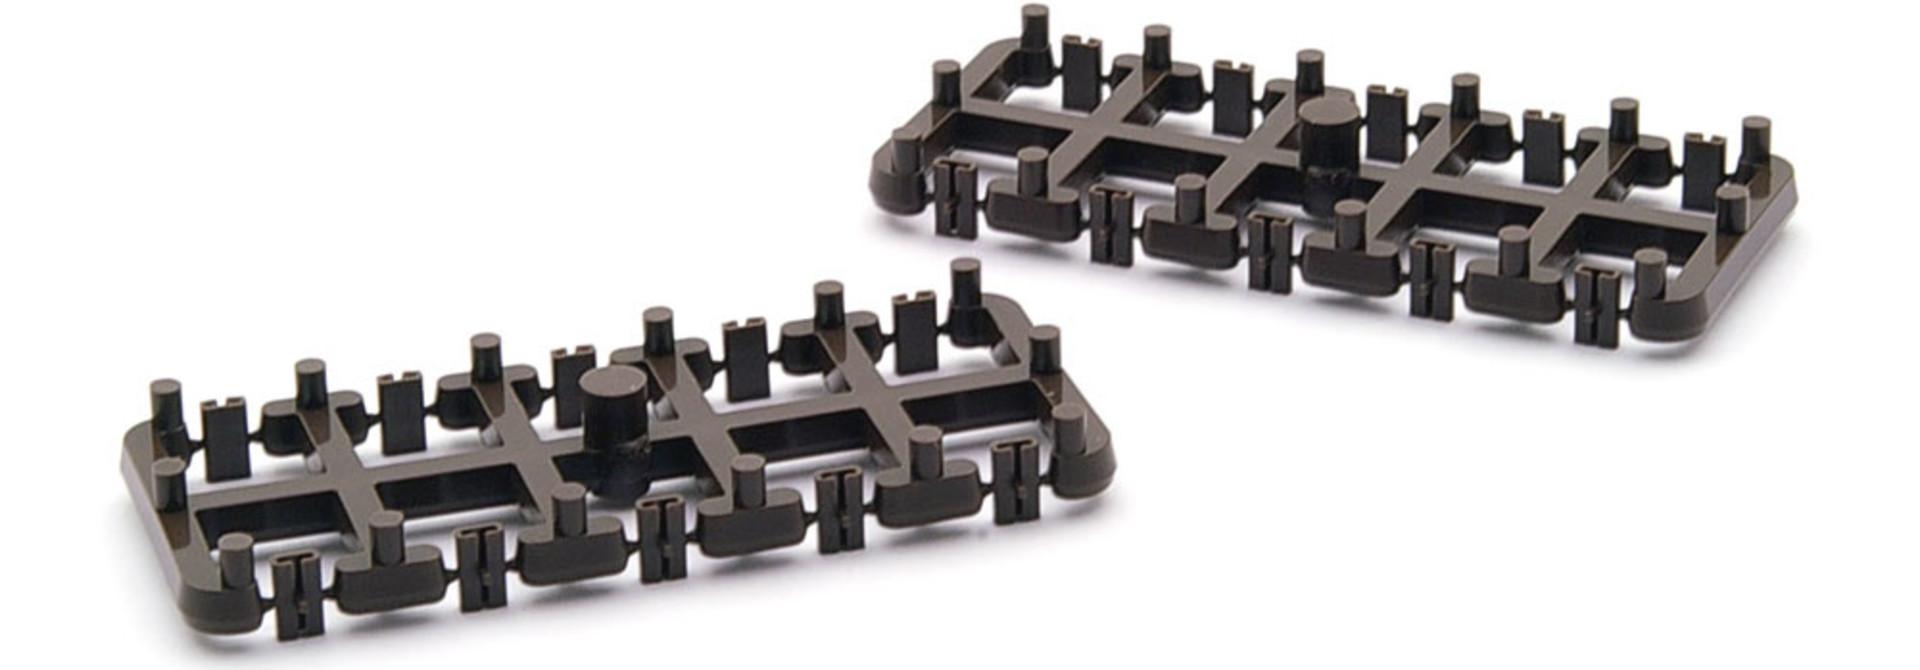 4288000 H0m Isolier-Schienenverbinder, 20 Stück